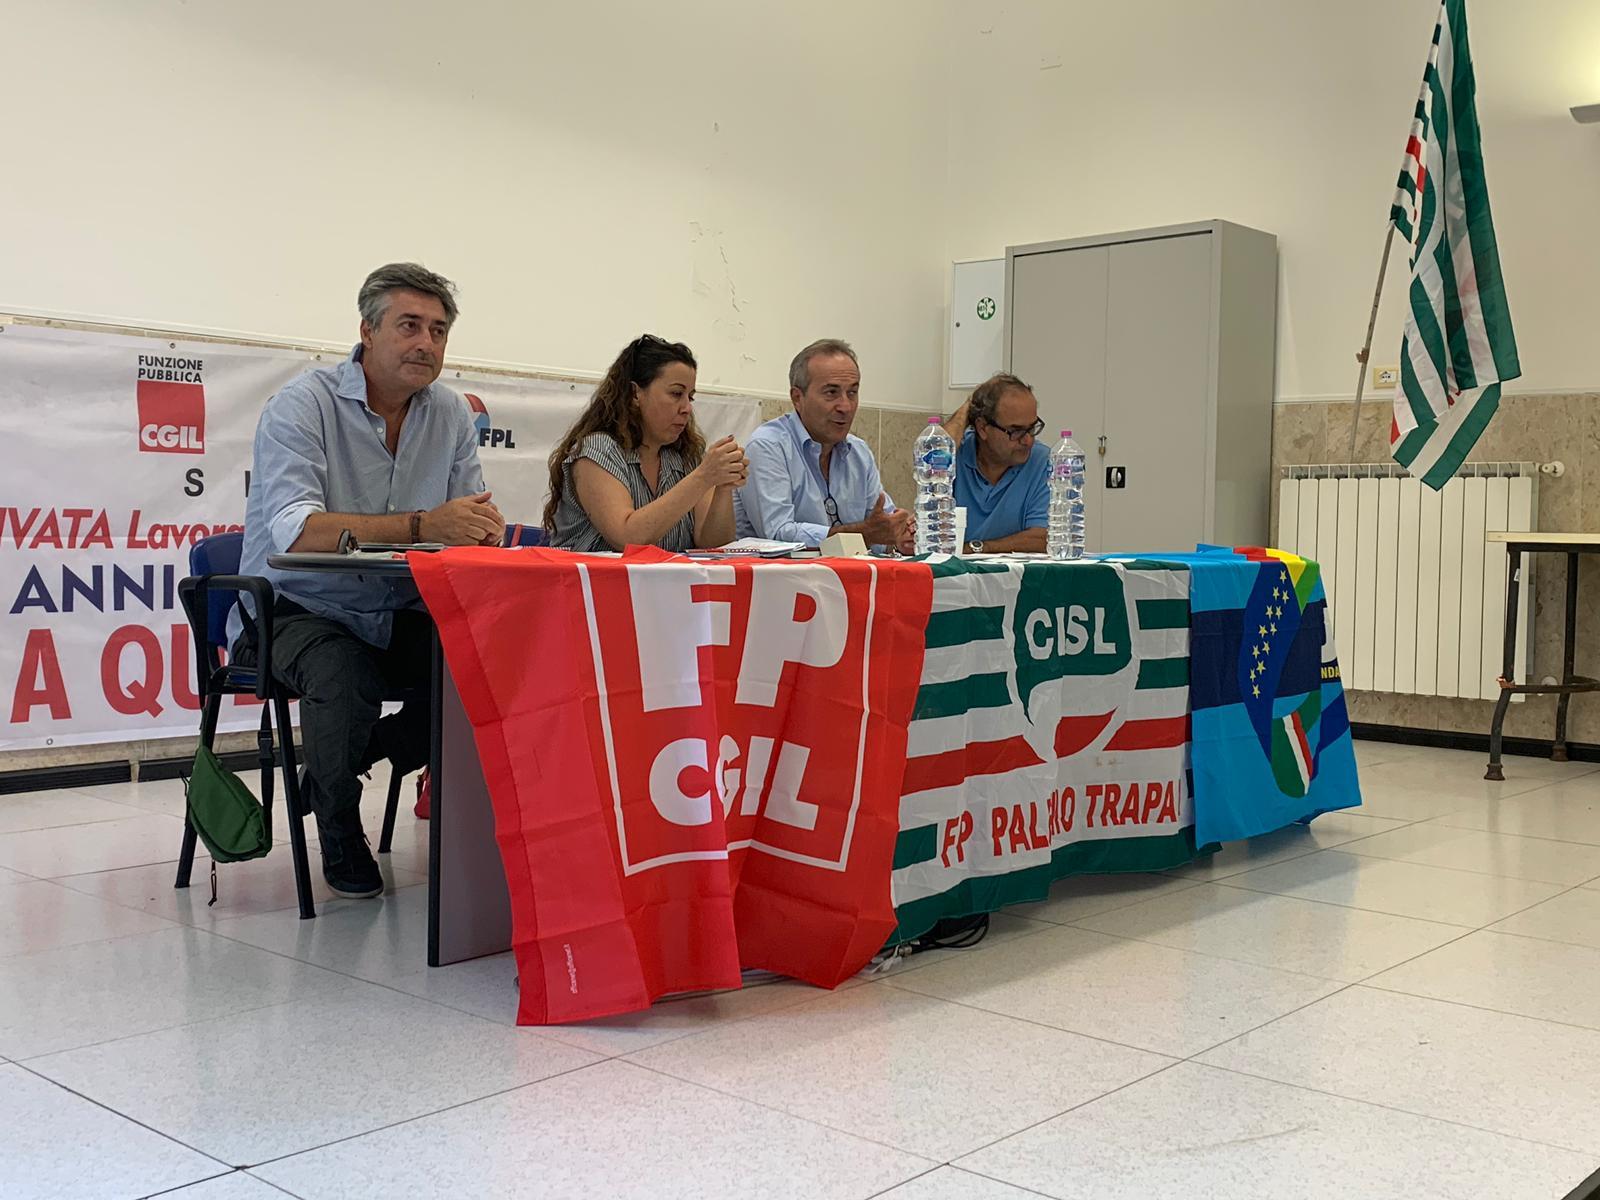 Nella sanità privata non si rinnova il contratto da 12 anni, oggi l'attivo regionale unitario: il 20 settembre presidio a Palermo davanti alla sede della Prefettura